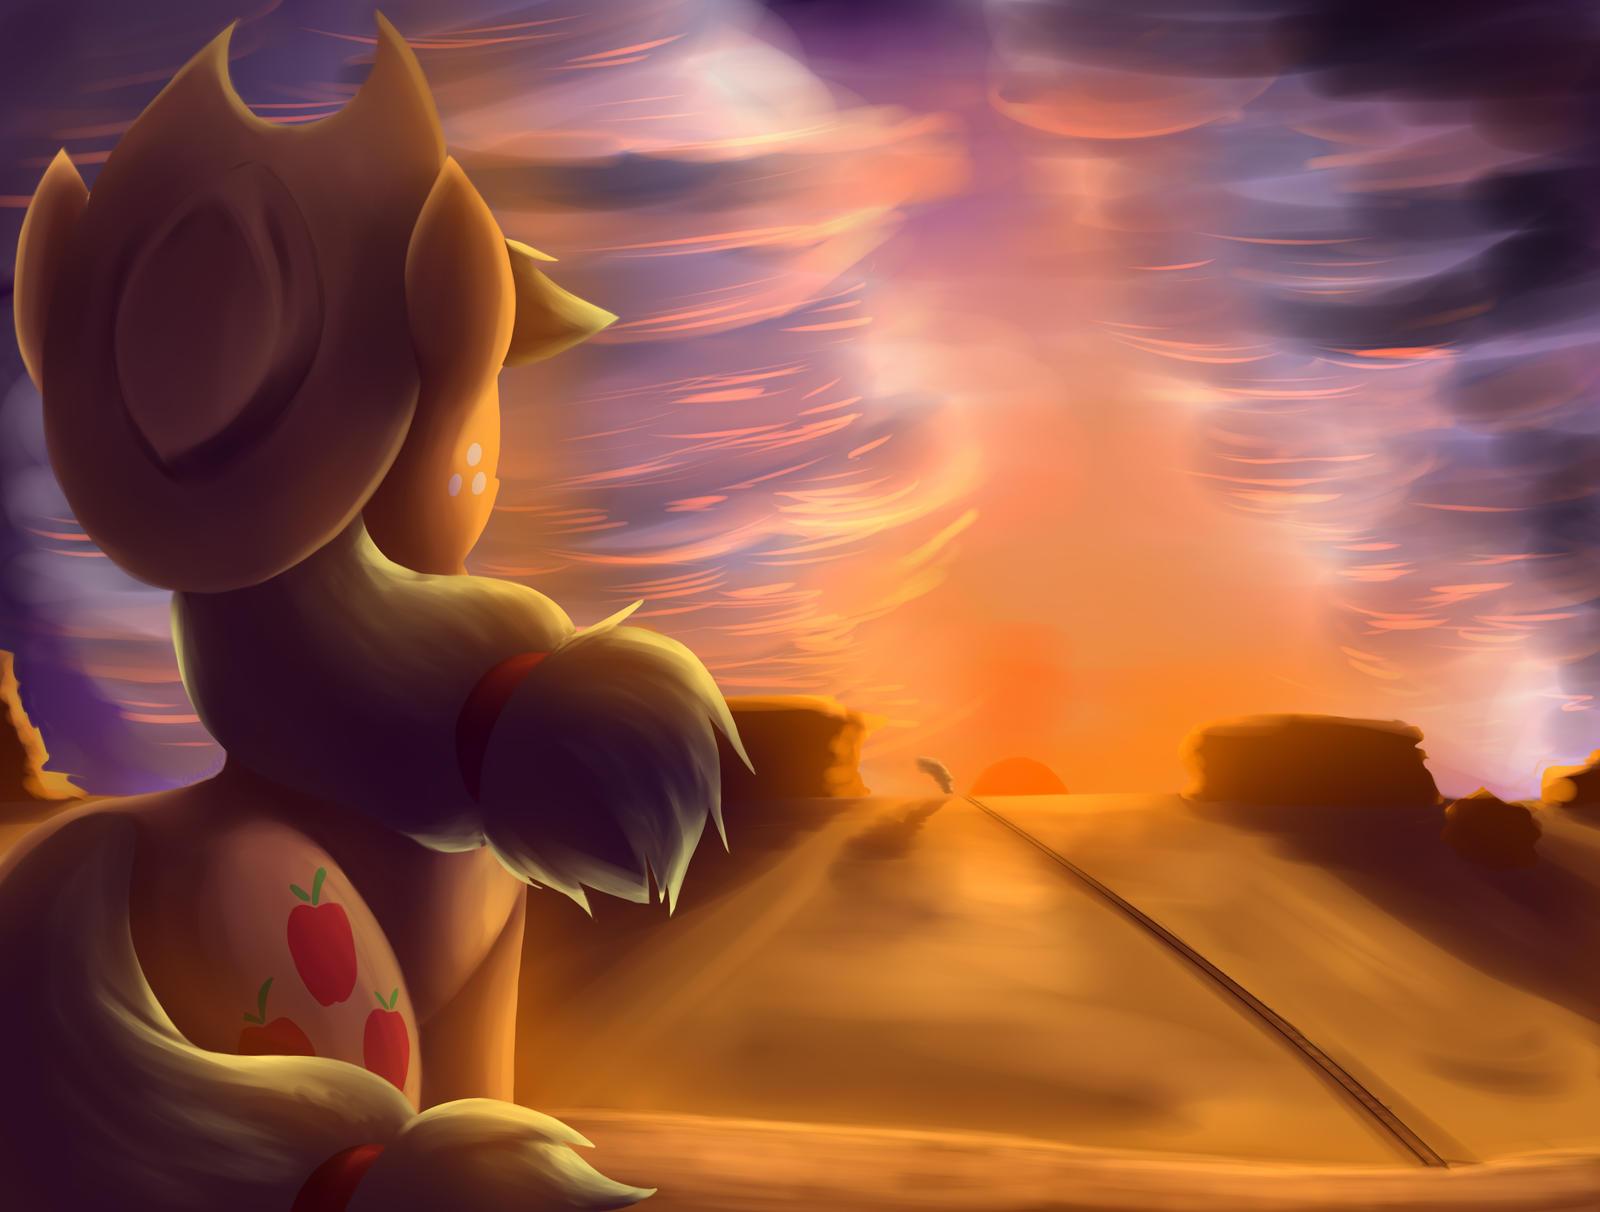 Desert Apple Sunset